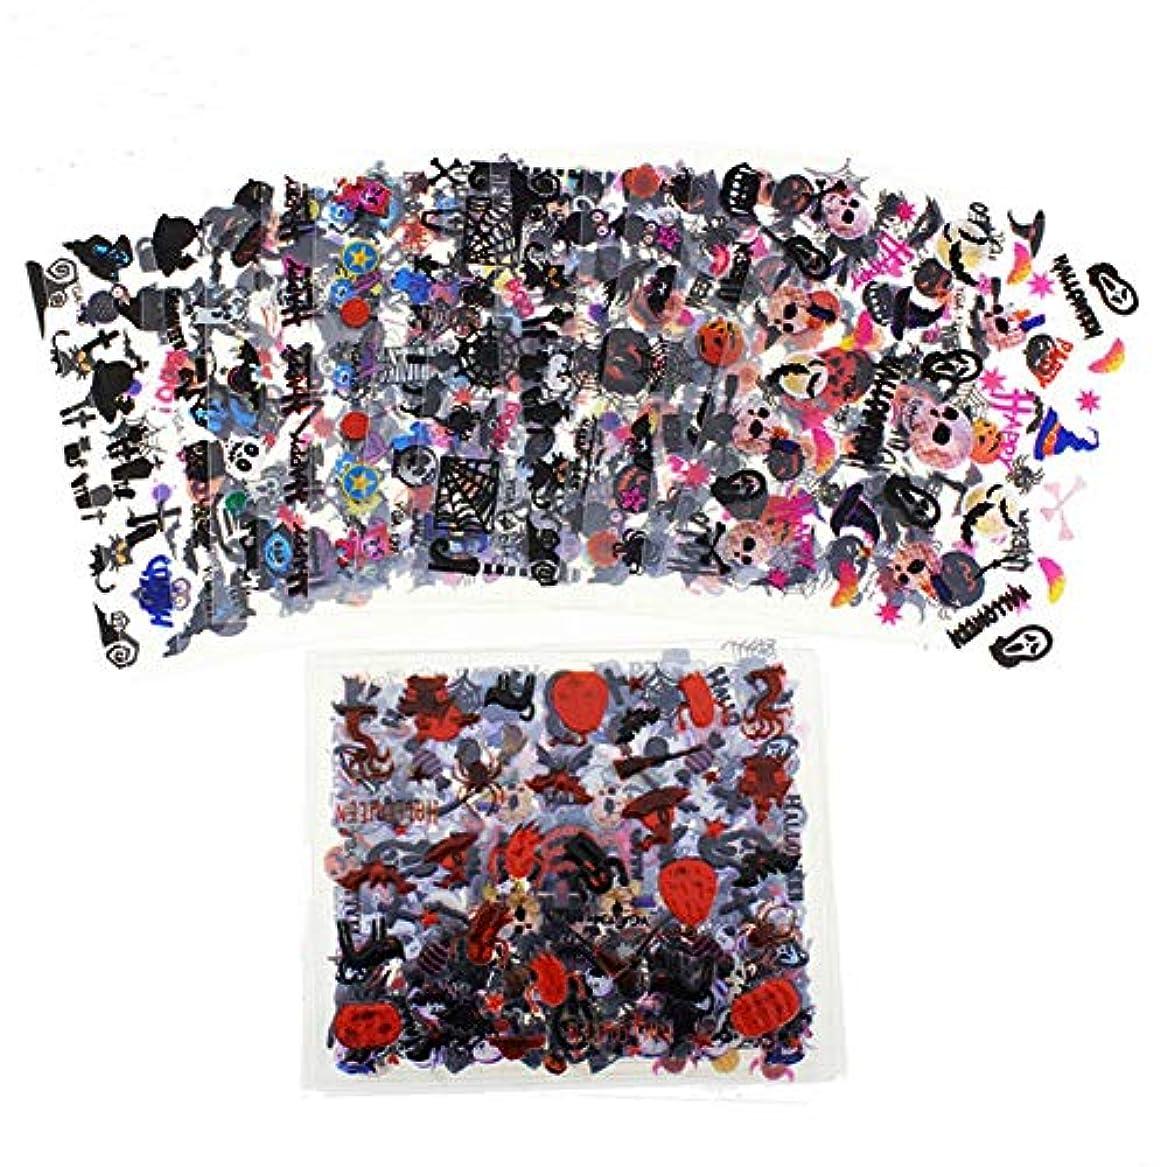 寂しいパフジョガーEVA-JP ネイルシール ハロウィーン ネイルステッカー ネイル用装飾 24枚セット 可愛いネイル飾り 貼るだけマニキュア ネイル用装飾 女性 女の子 子供用